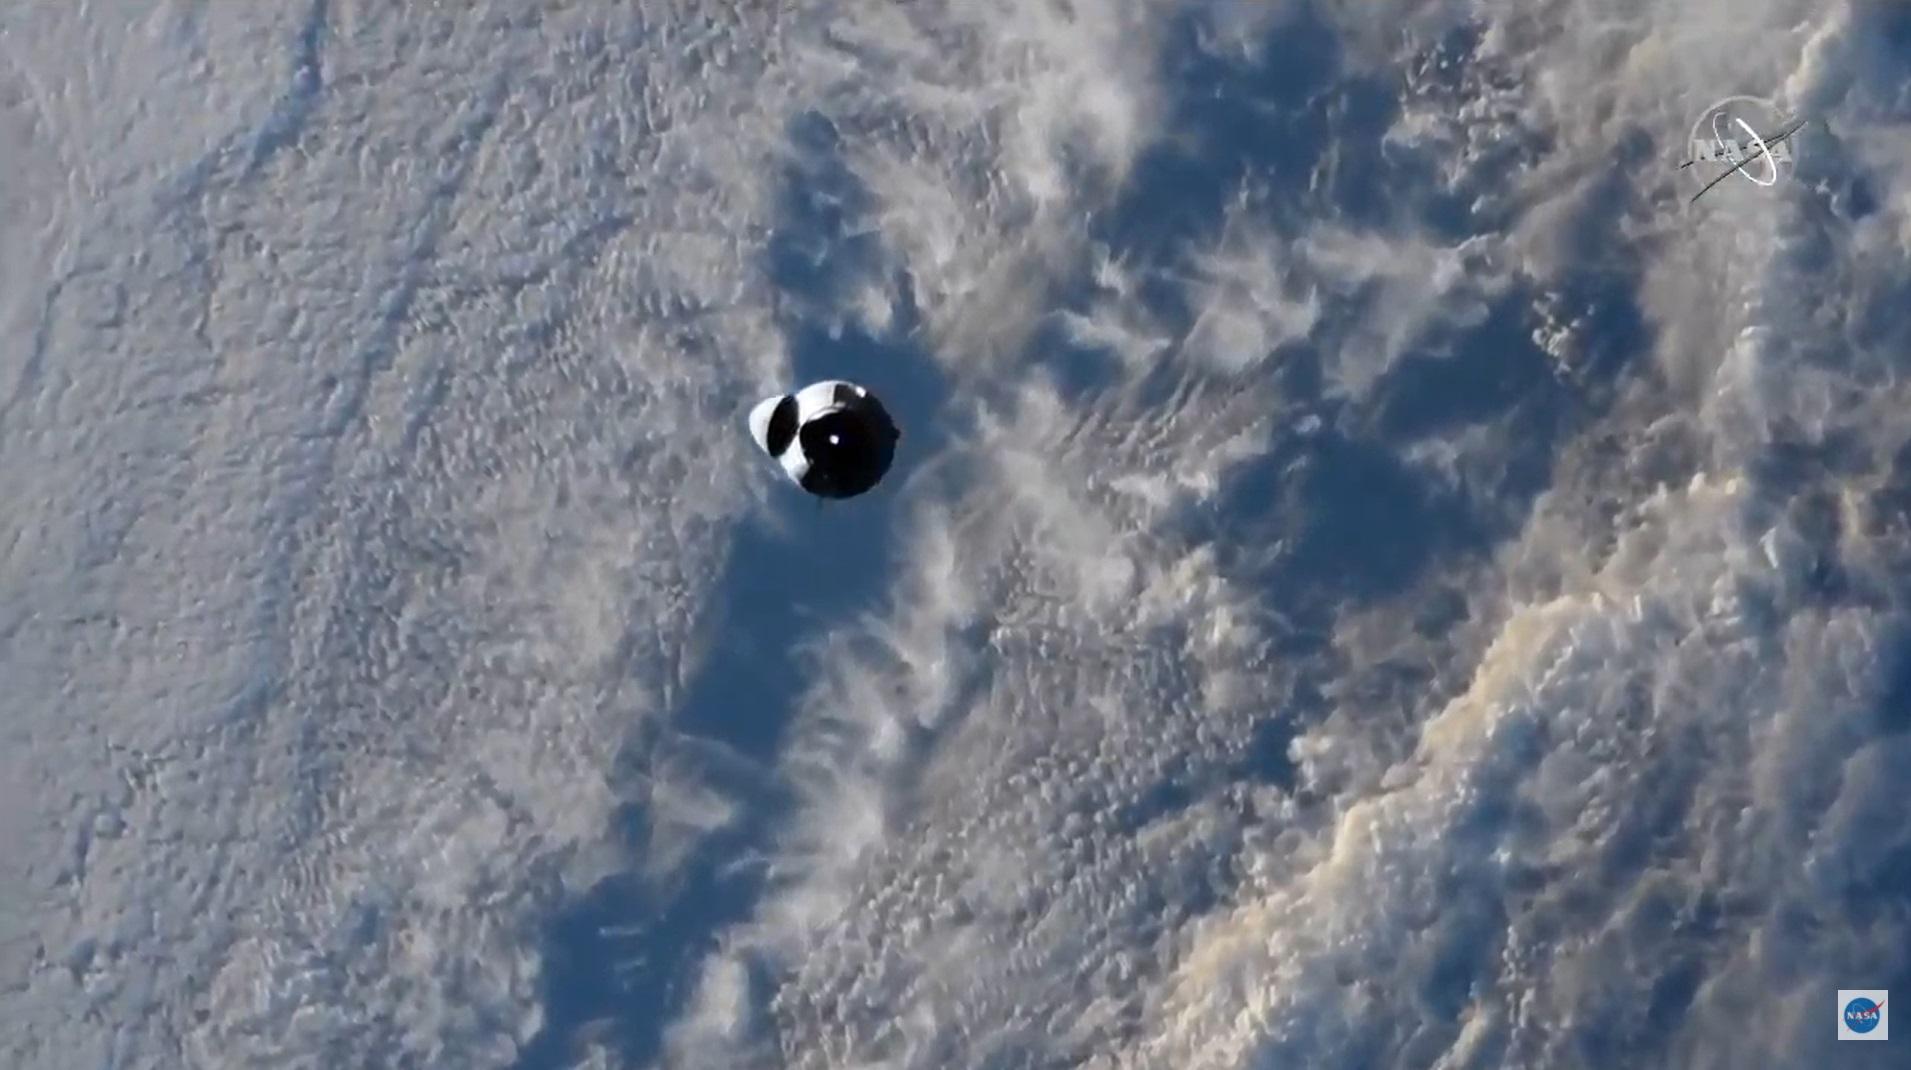 Le cargo SpaceX CRS-22 Dragon s'approche de la Station spatiale internationale le 5 juin 2021 lors d'opérations d'amarrage pour livrer plus de 7 300 livres.  (3 311 kg) de fournitures au laboratoire en orbite.